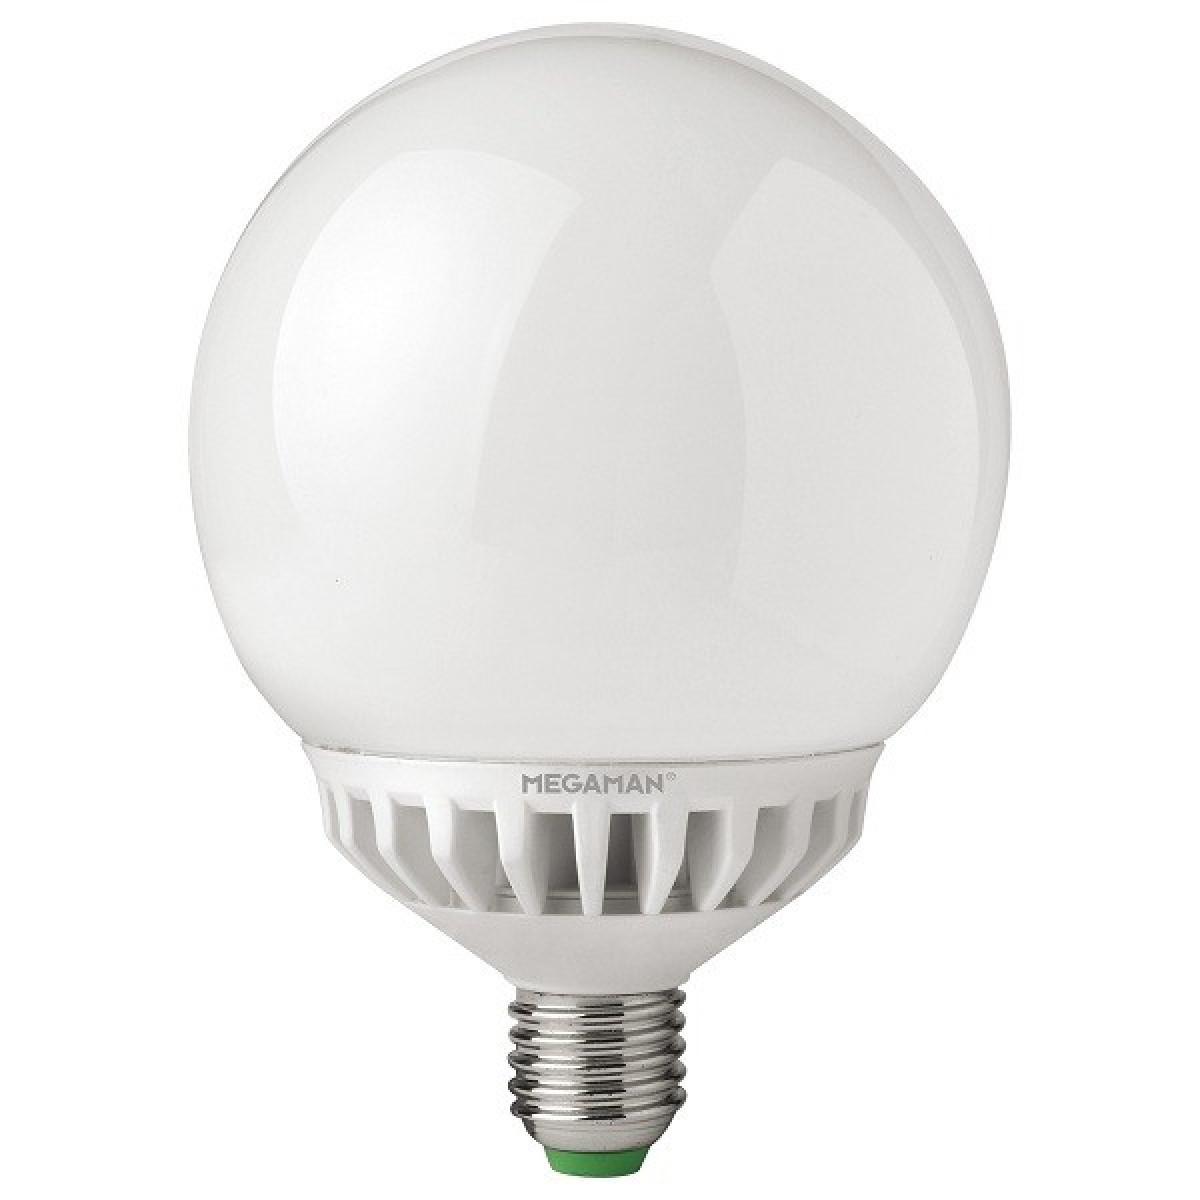 Producent MegamanKoncept Stor LED globepære, som kan dæmpes.  Den har 420lm, hvilket svarer til ca. 25-40W. Den har et varmt lys med 2800 kelvin og en RA værdi på 80.  Hvis du har det lidt svært med det, med pærer, kommer der her en lille kort forklaring om de vigtigste ting, du skal være opmærksom på.  I dag bliver lysstyrken målt på lumen i stedet for watt. Du kan nogenlunde gå ud fra nedenstående.  15W = 140 lumen  25W = 250 lumen  40W = 470 lumen  60W = 800 lumen  75W = 1050 lumen  100W = 1520 lumen Derudover kan man også se på en pære, at der er oplyst en RA eller CRI værdi. Det er lysets evne til at gengive farver og det vurderes på en skala fra 0-100 RA.  100 RA giver den bedste farvegengivelse og det er det, man får fra dagslys.  Til et almindeligt hjem, skal man vælge pærer med en RA værdi på mere end 80.  Der vil også være oplyst en kelvingrad. Dette er lysets farve. En pære med en kelvingrad på 2.700 - 3.000 har et varmt lys.  4.000-4.5000 giver et neutral til køligt lys og